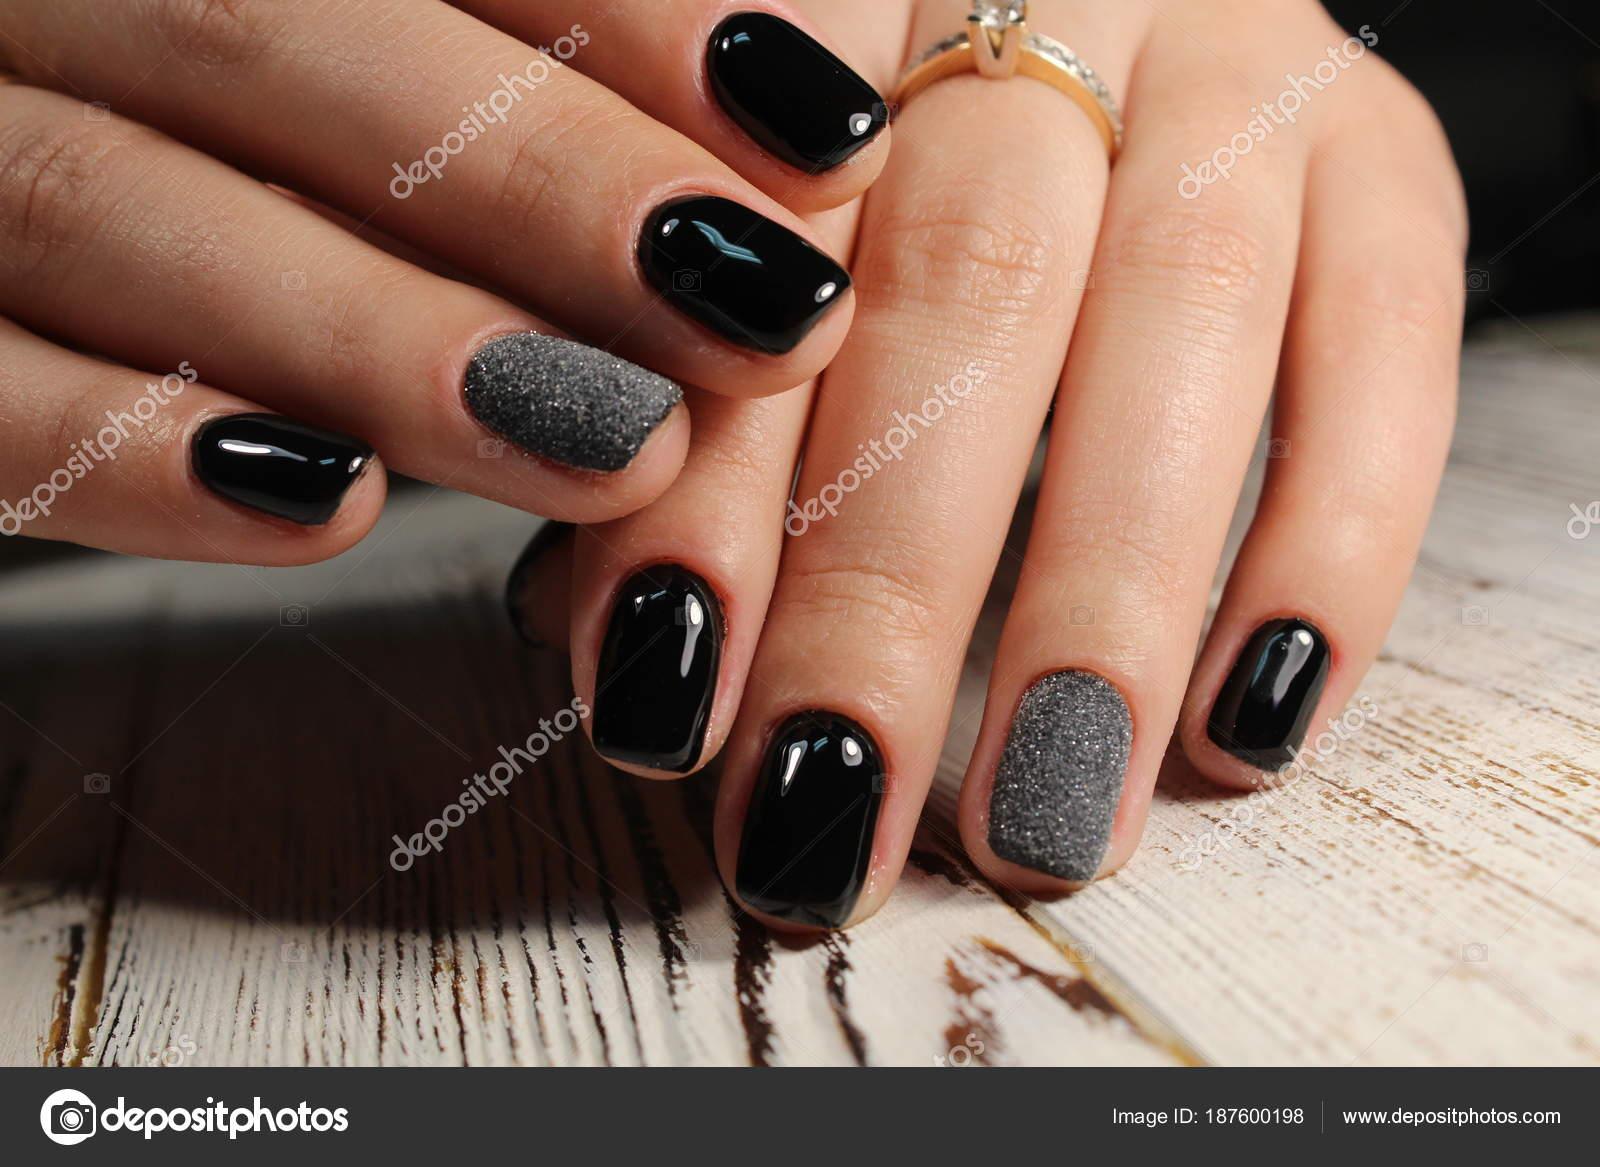 Fashion nails design manicure — Stock Photo © SmirMaxStock #187600198